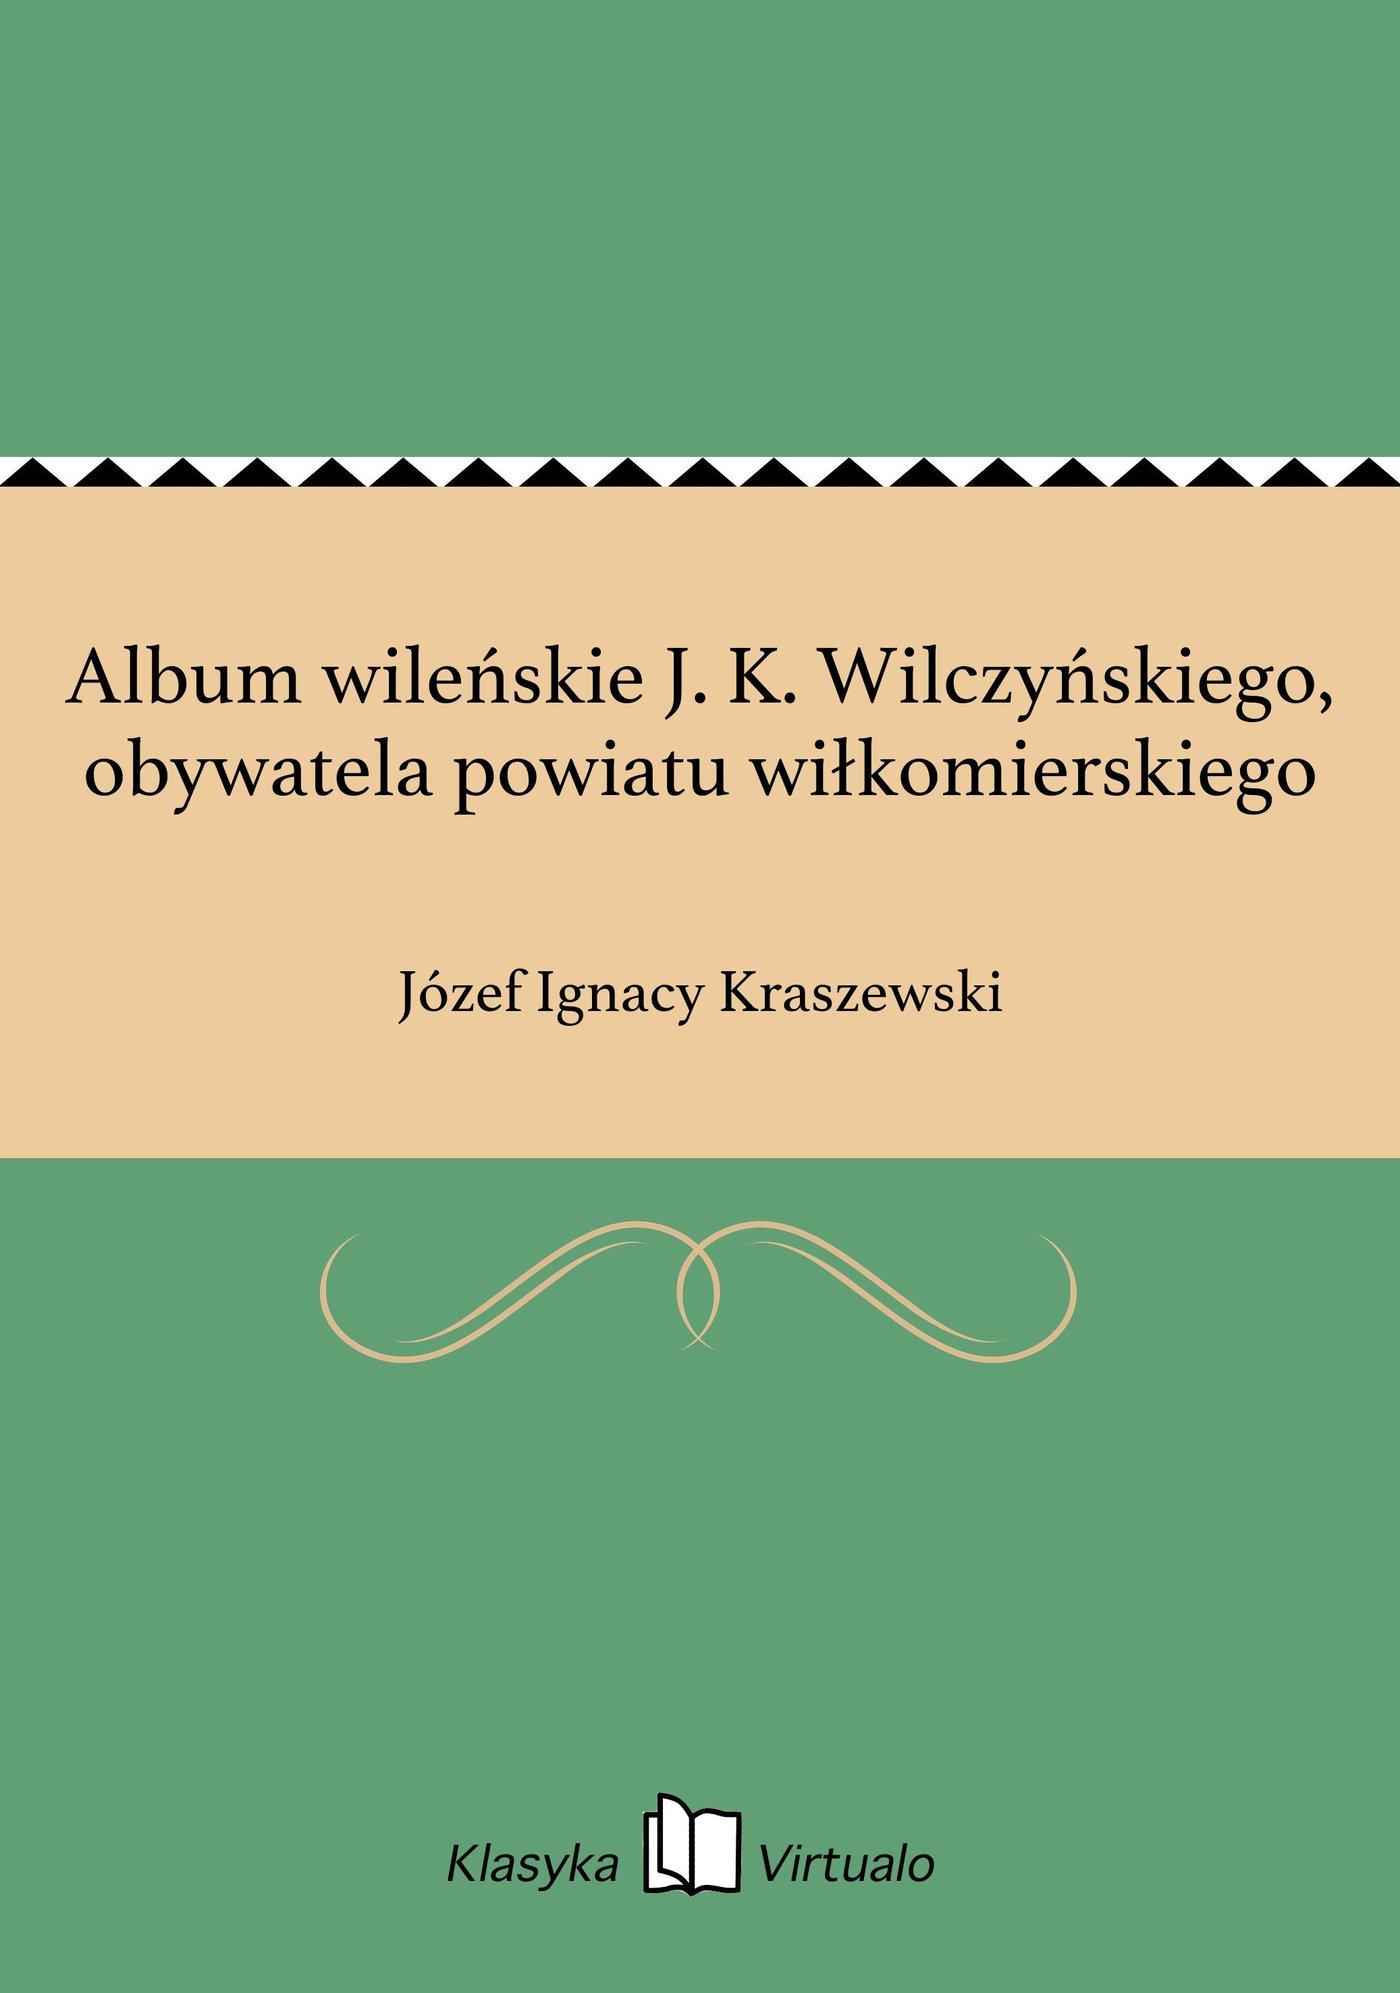 Album wileńskie J. K. Wilczyńskiego, obywatela powiatu wiłkomierskiego - Ebook (Książka na Kindle) do pobrania w formacie MOBI